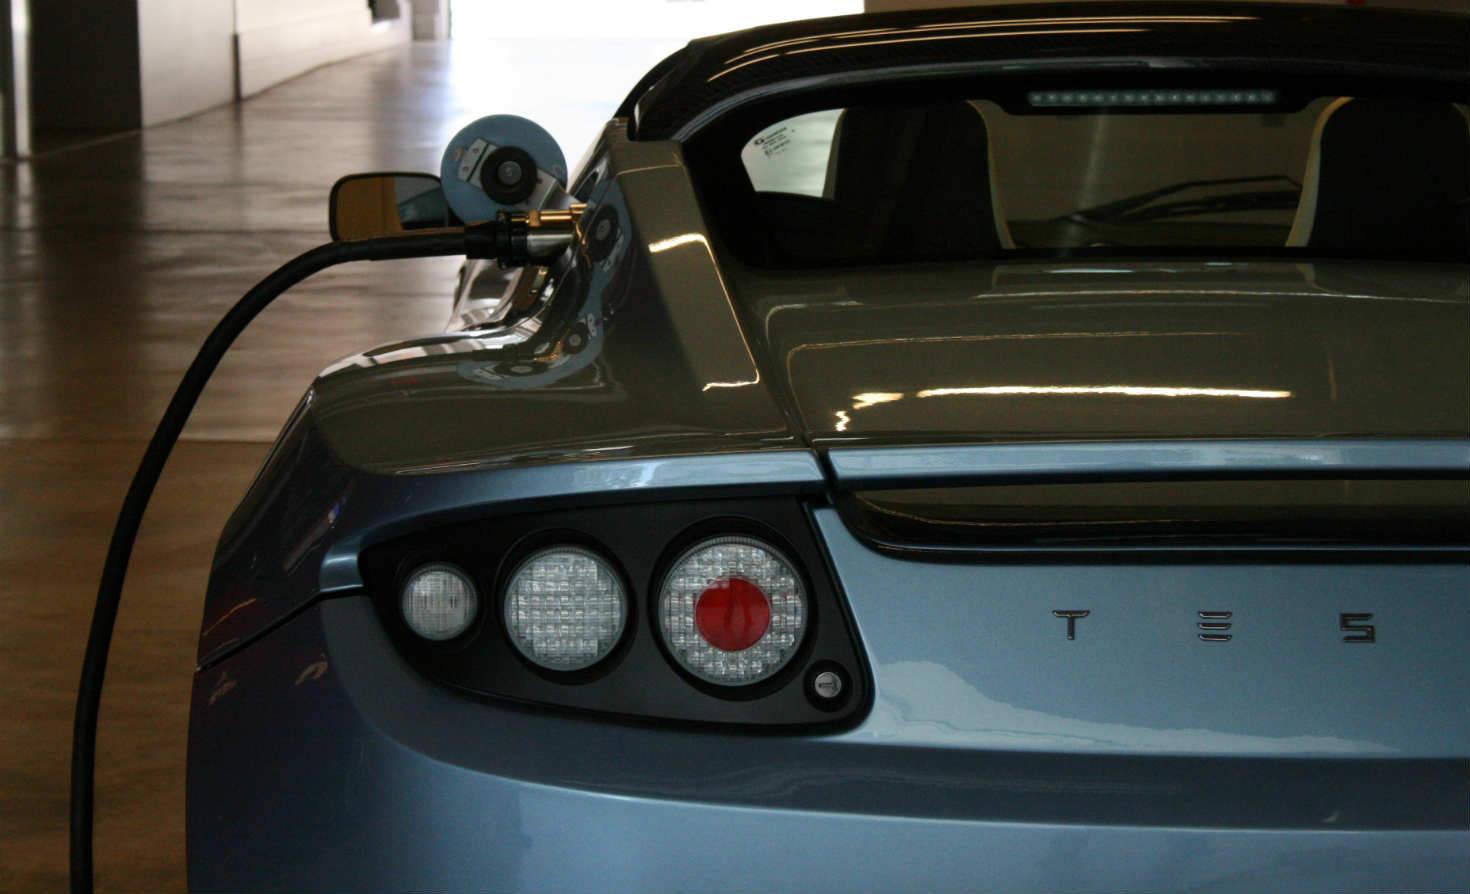 Tesla charging